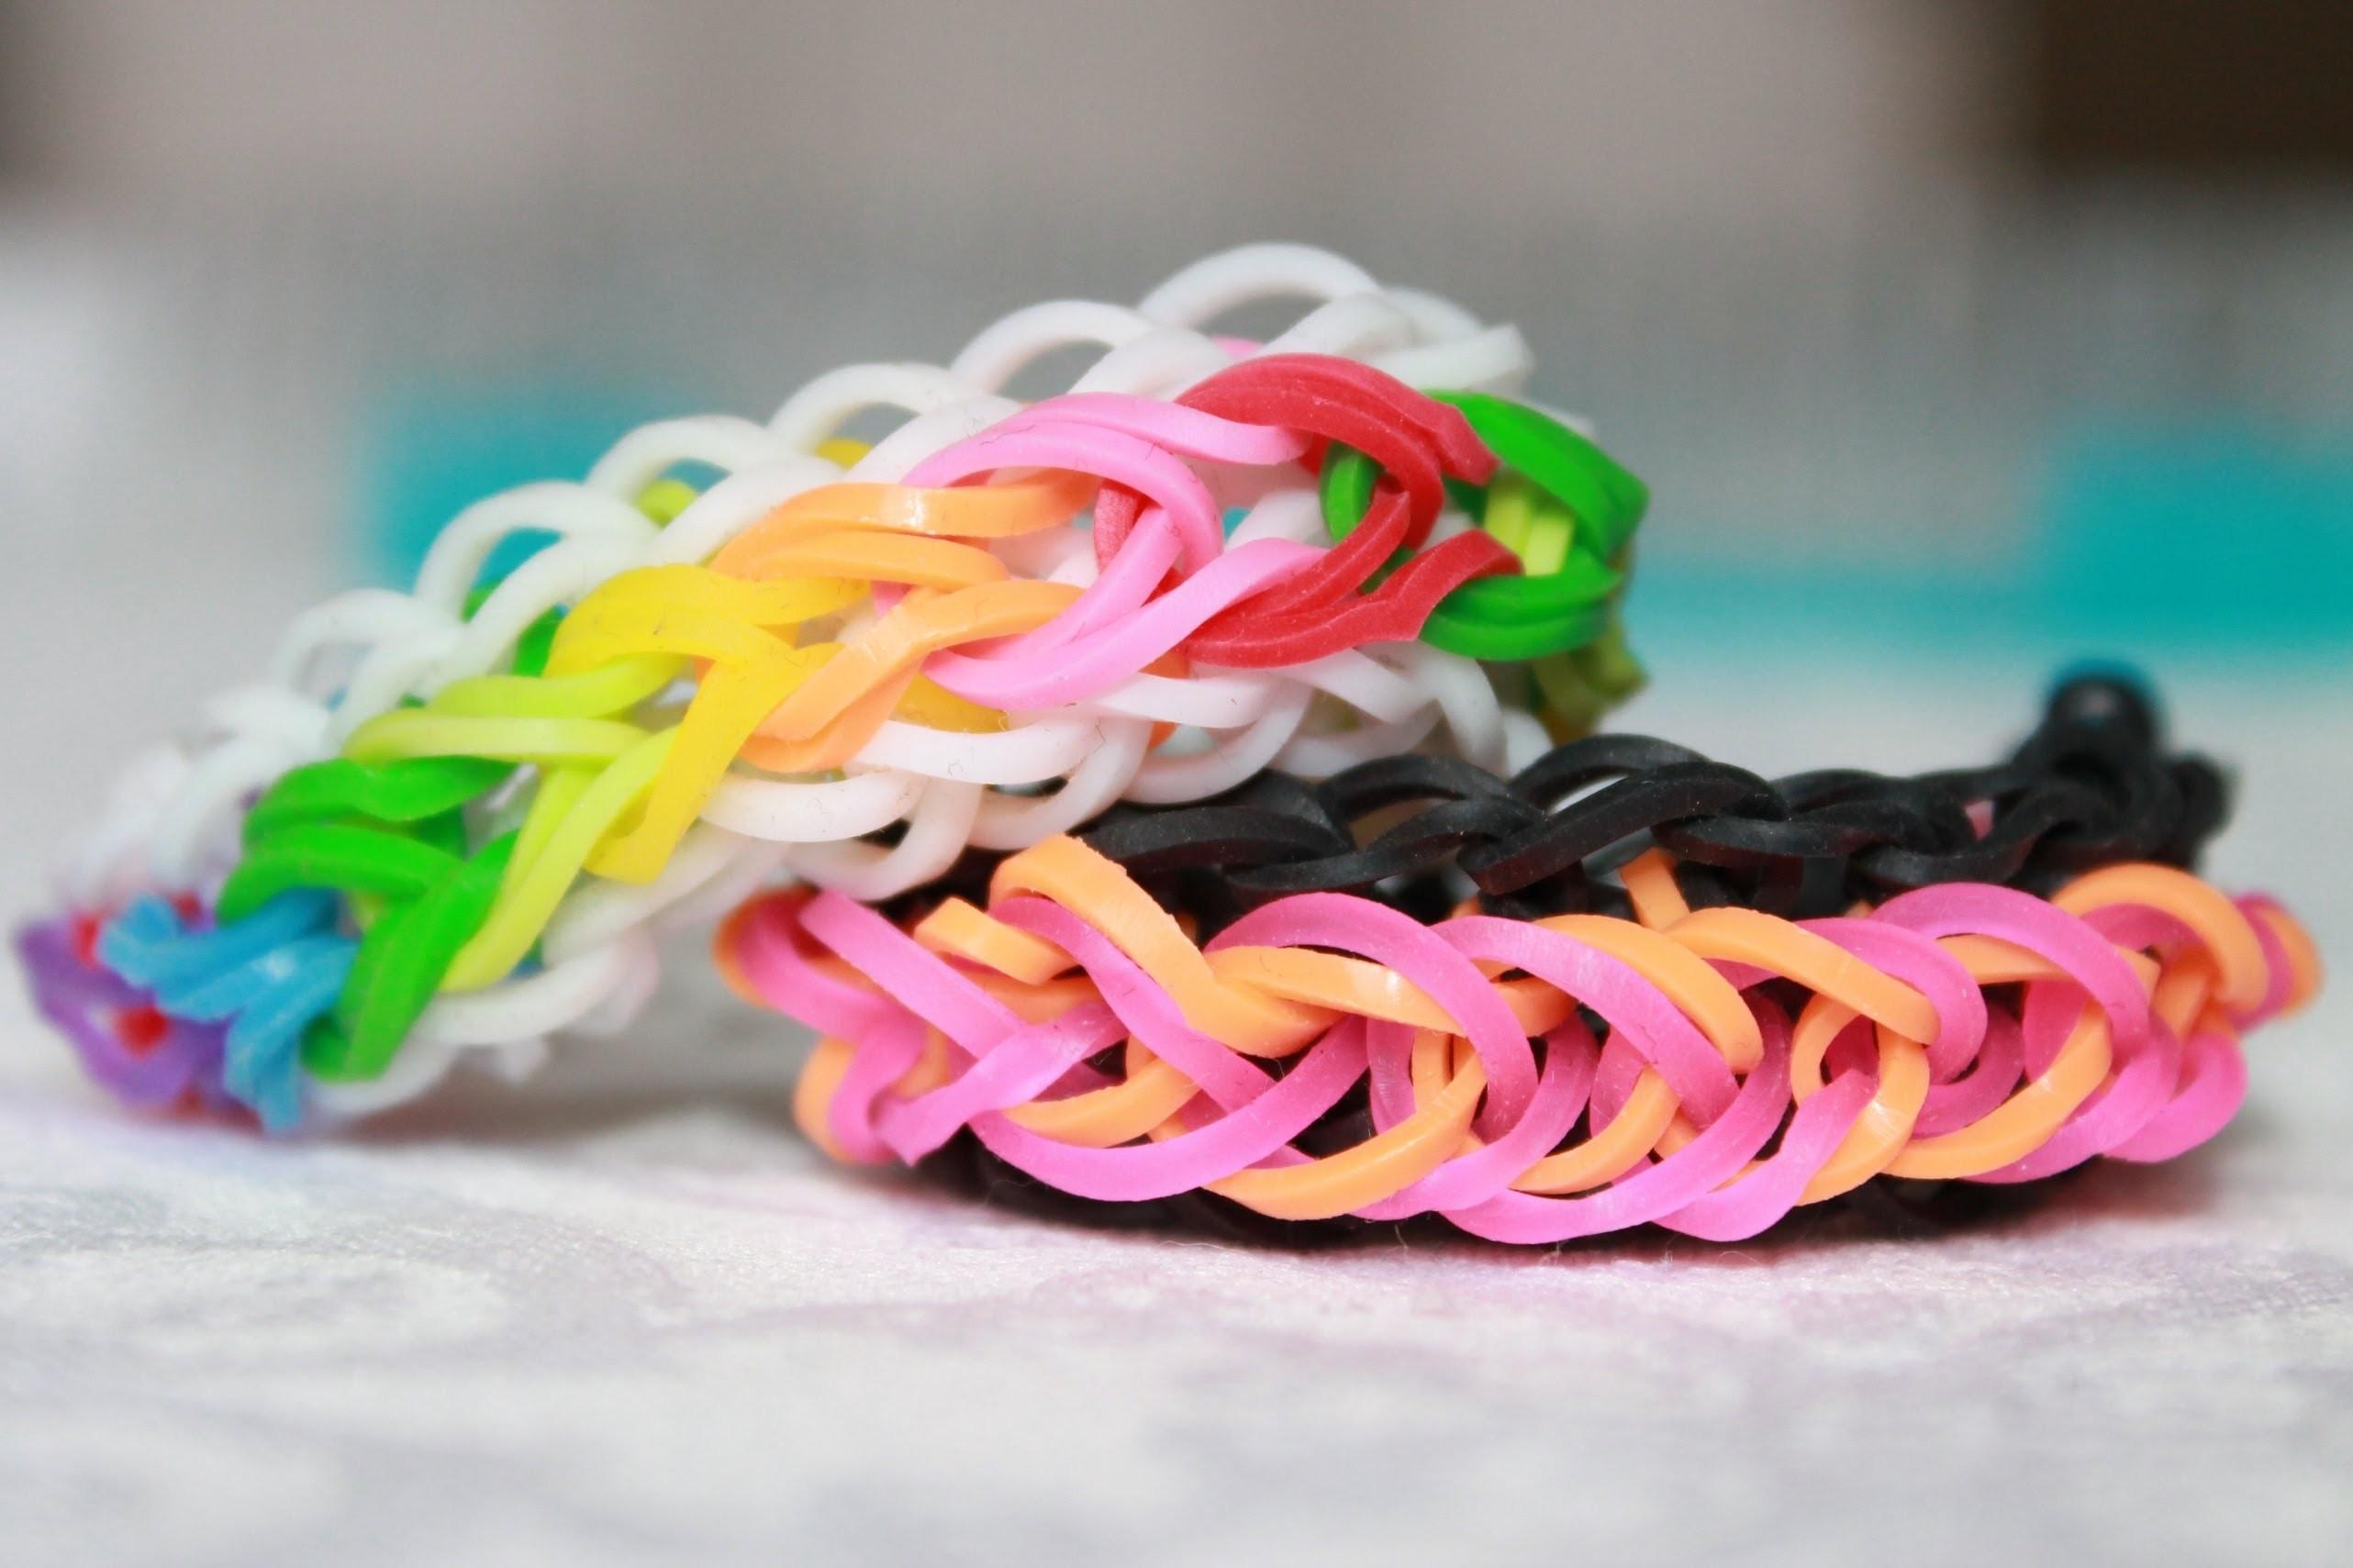 Rainbow loom Nederlands Raindrop Armband Bracelet